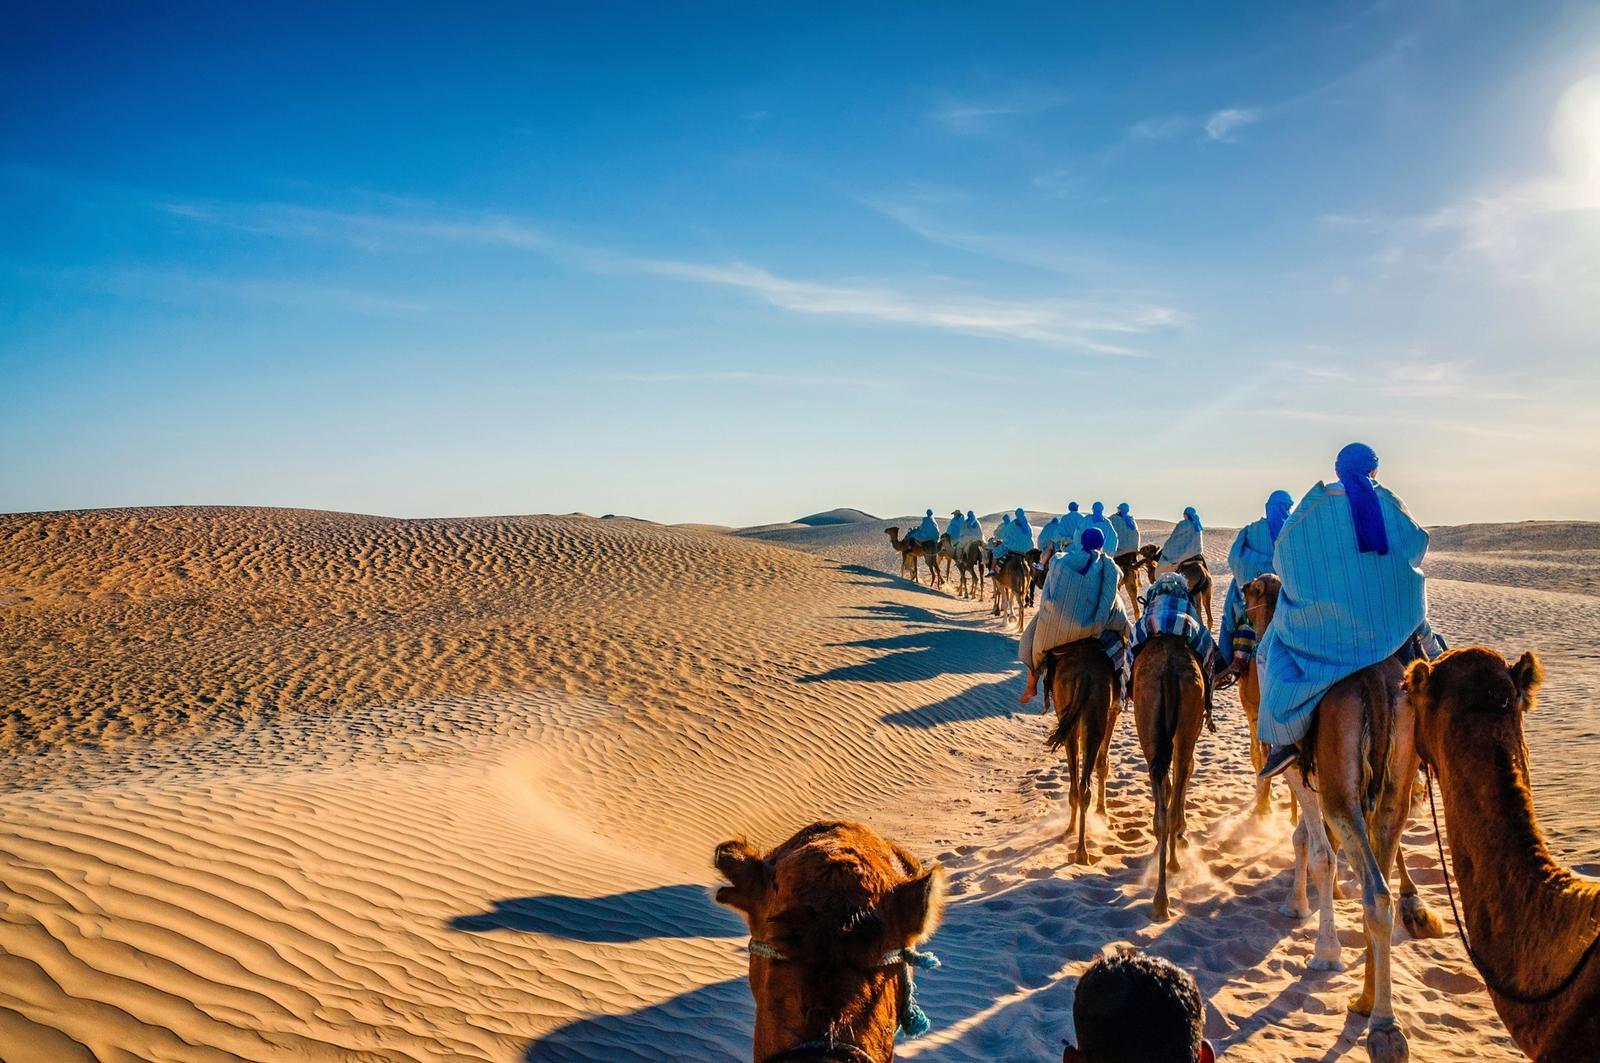 escursione cammelli nel deserto in tunisia